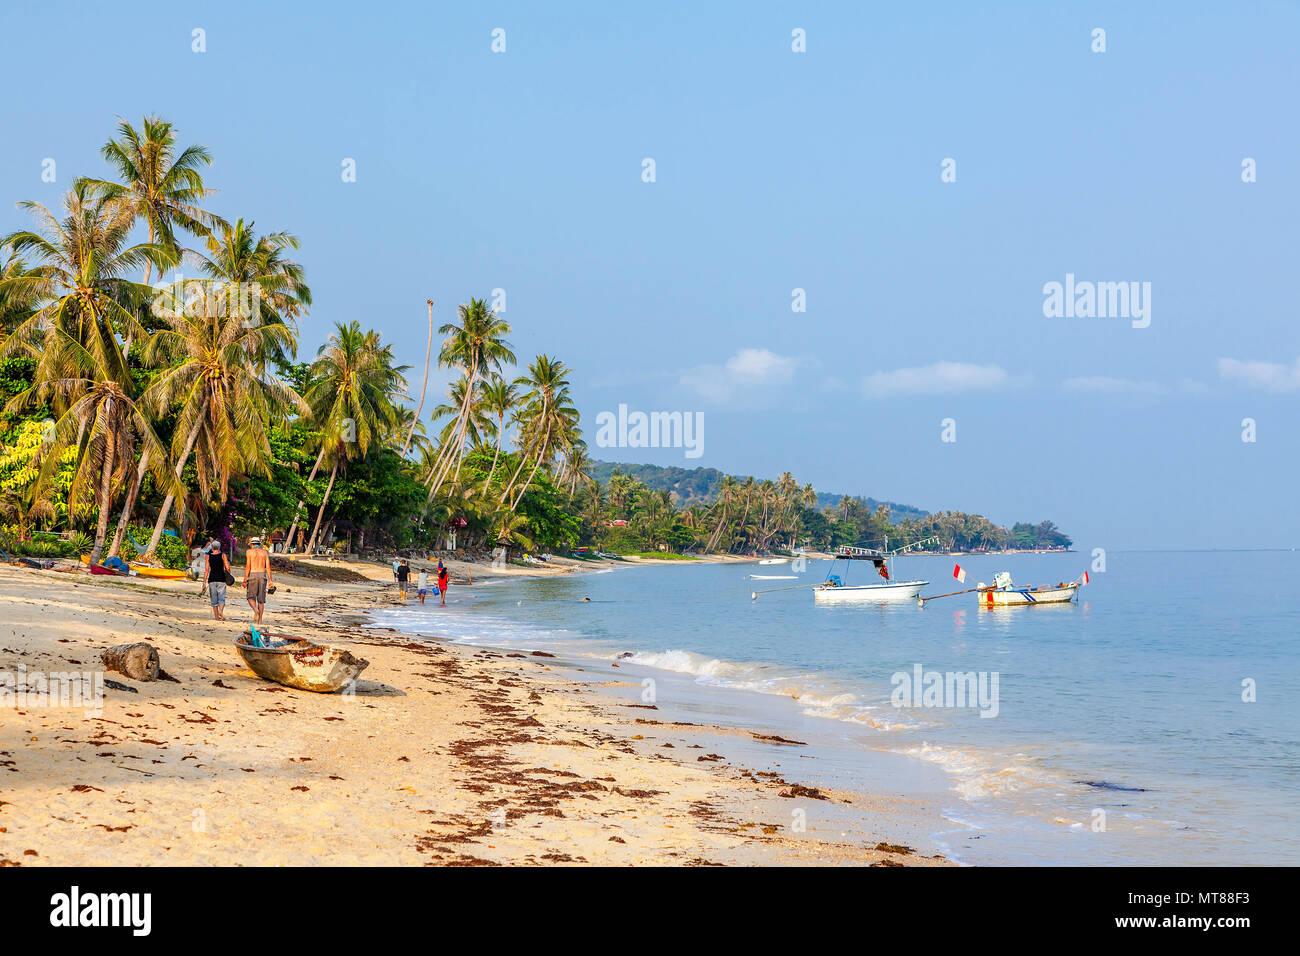 Mattina di sole sulla spiaggia di Bang Po. Isola di Samui. Thailandia. Immagini Stock